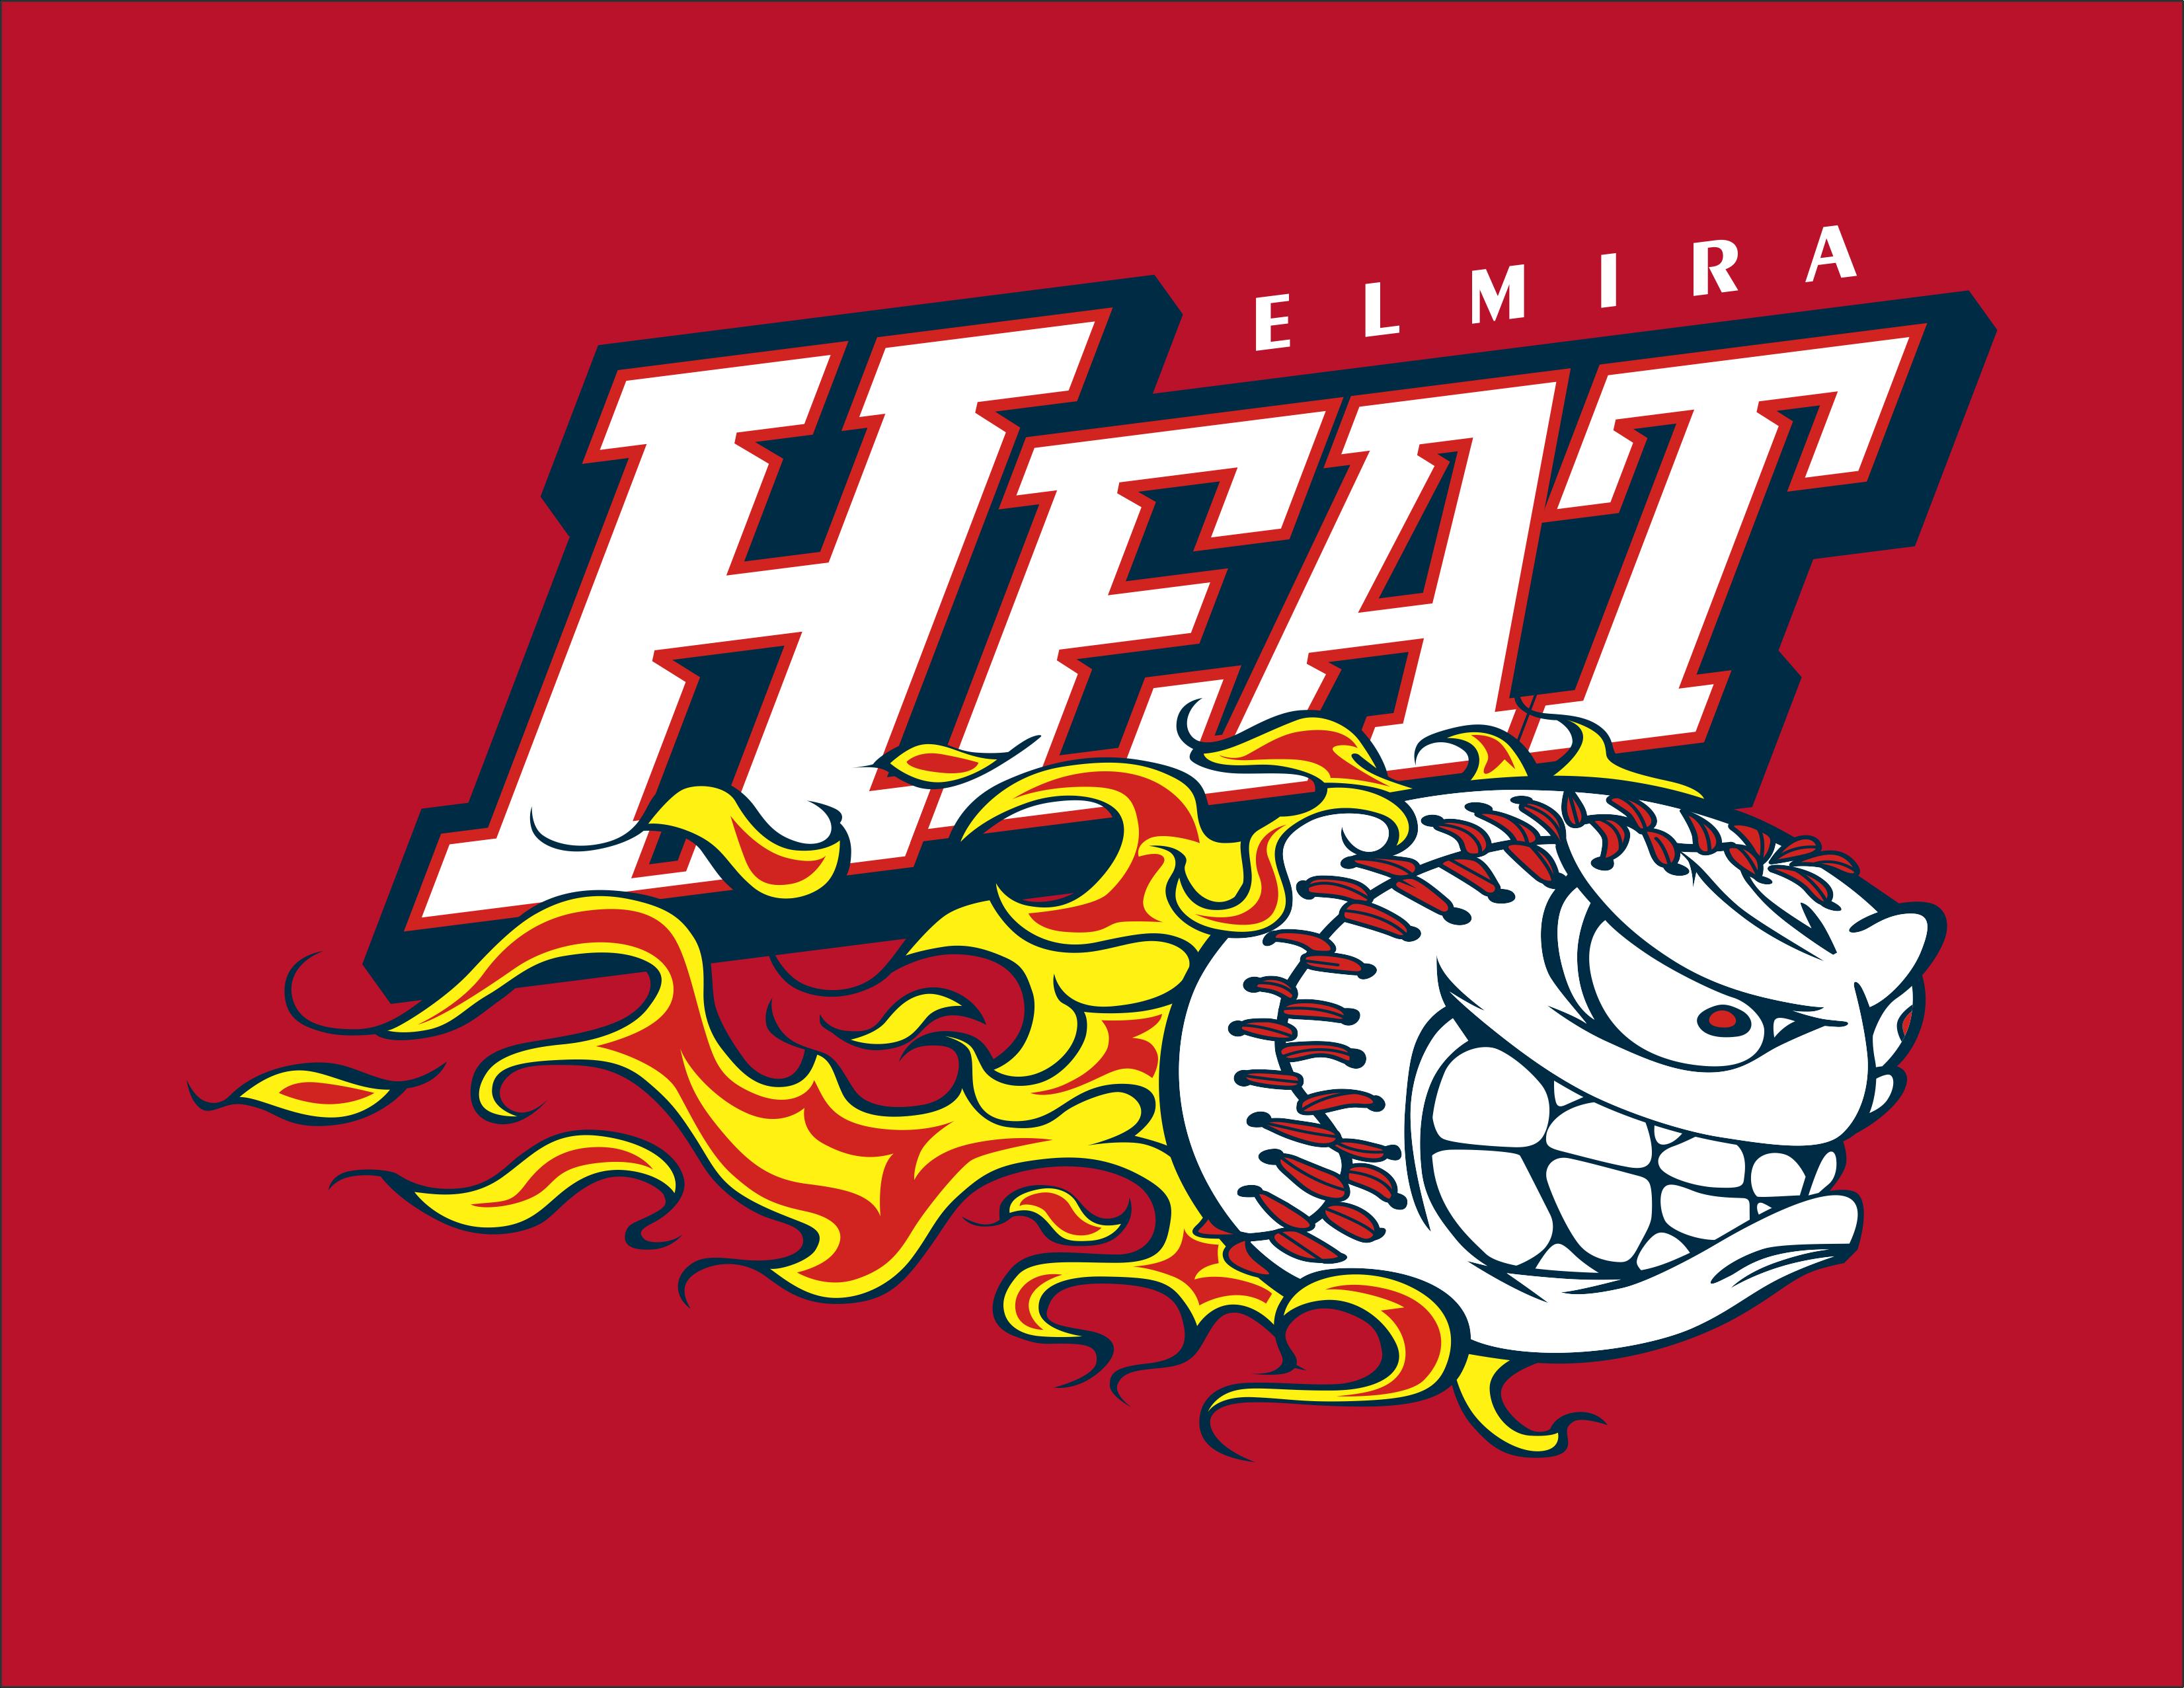 Elmira Heat